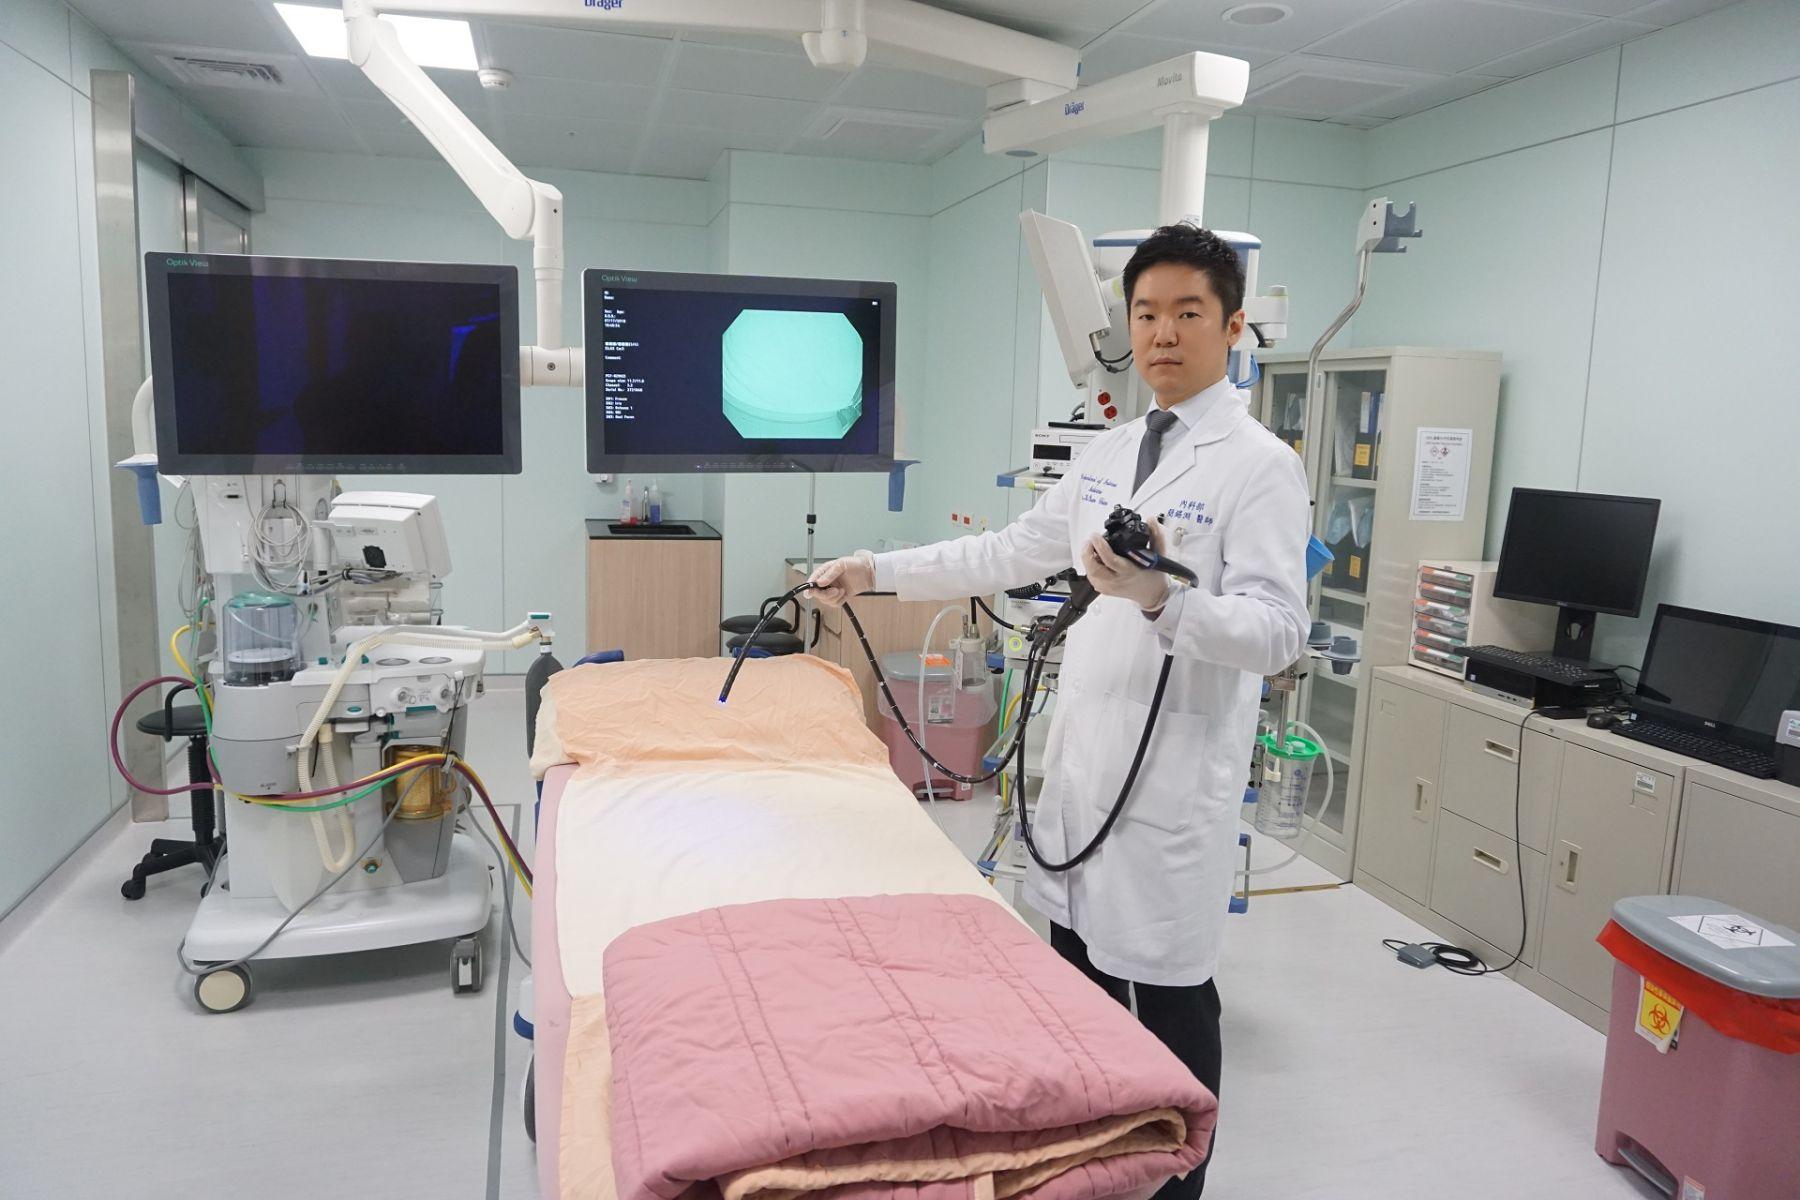 直腸癌不一定要「開腸剖肚」 內視鏡也可切除腫瘤